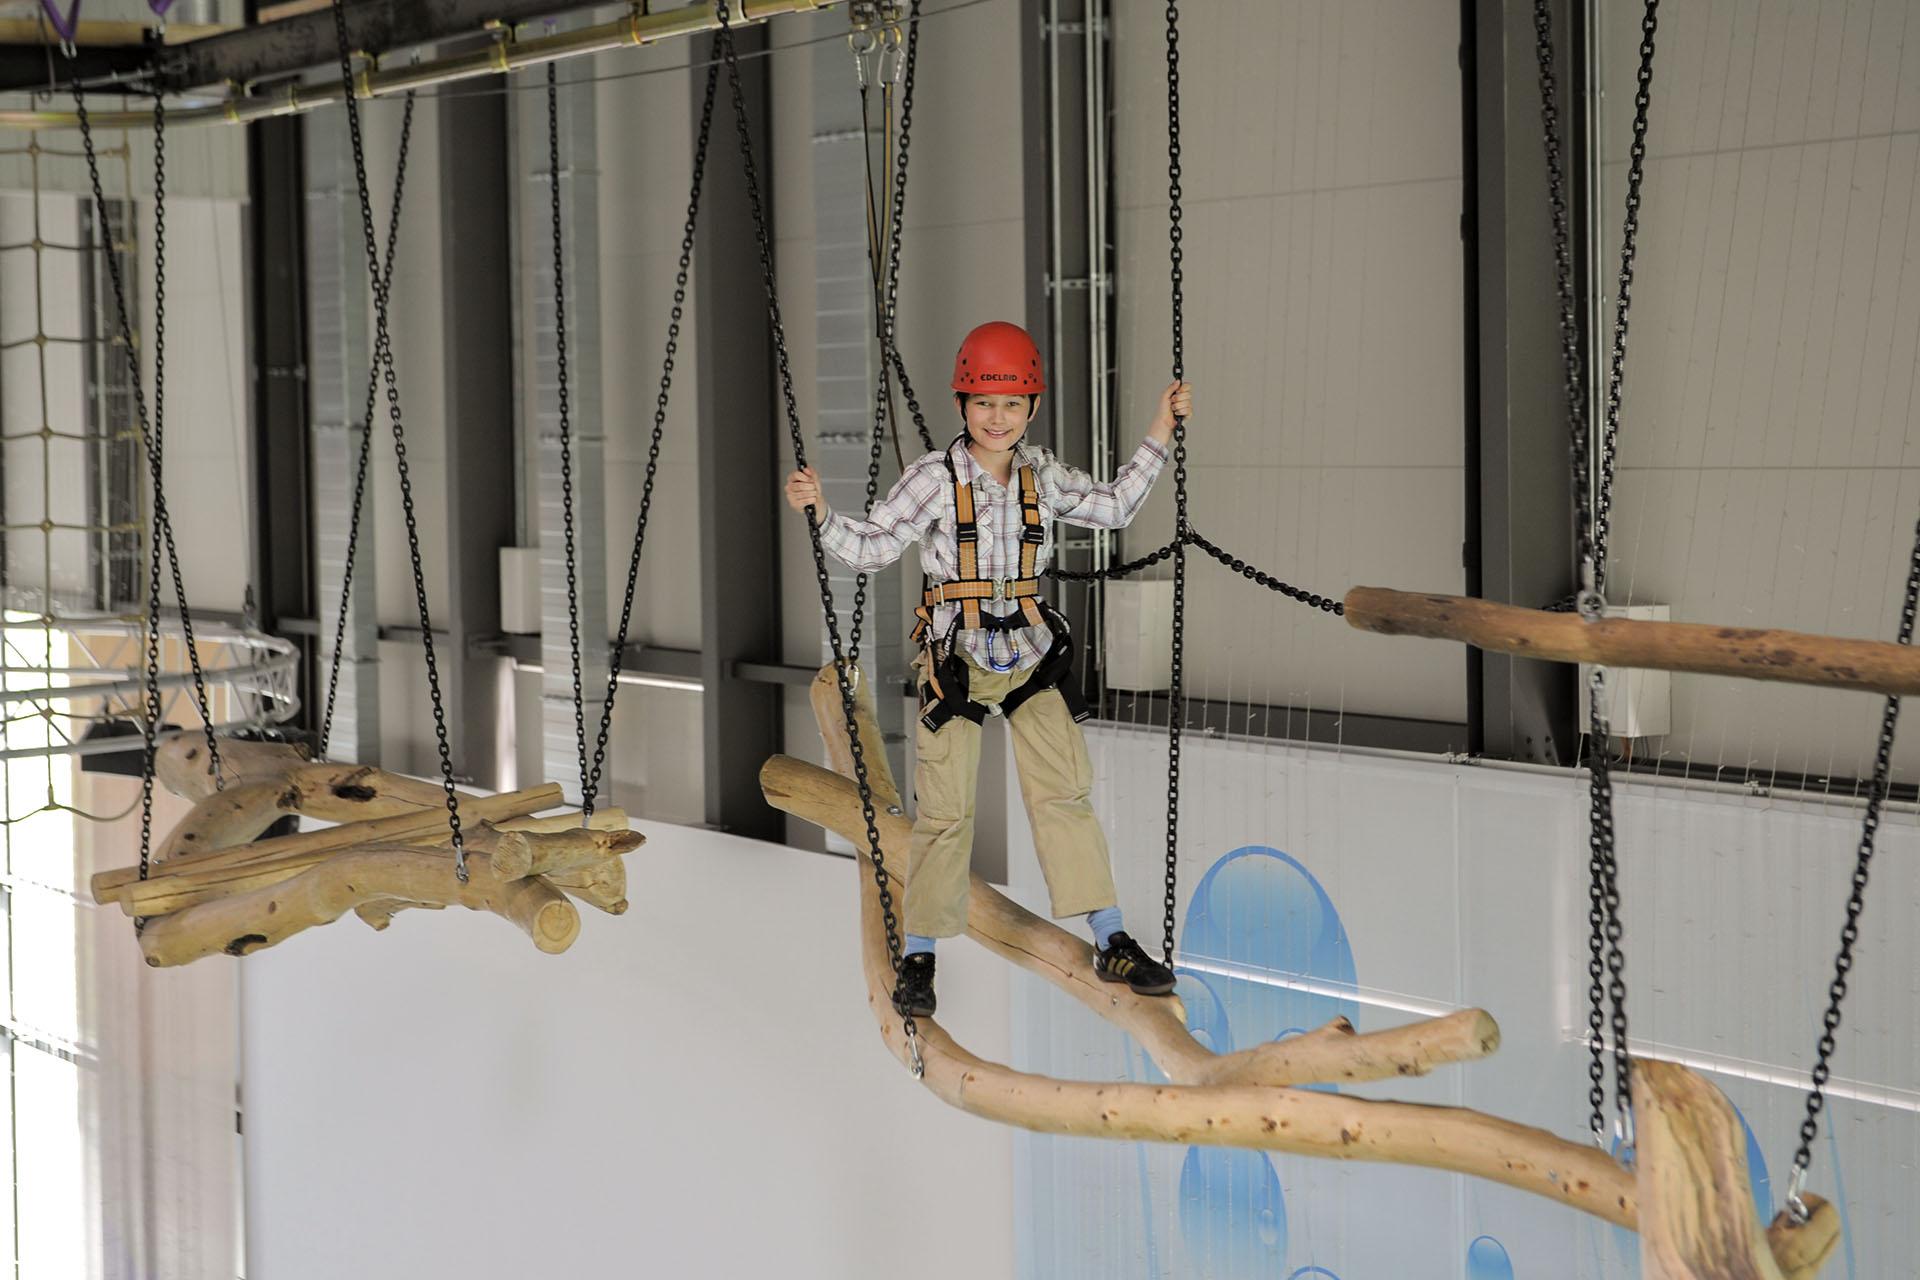 sensapolis-indoor-attraktionen-hochseilgarten-freizeitpark-stuttgart-sindelfingen-3